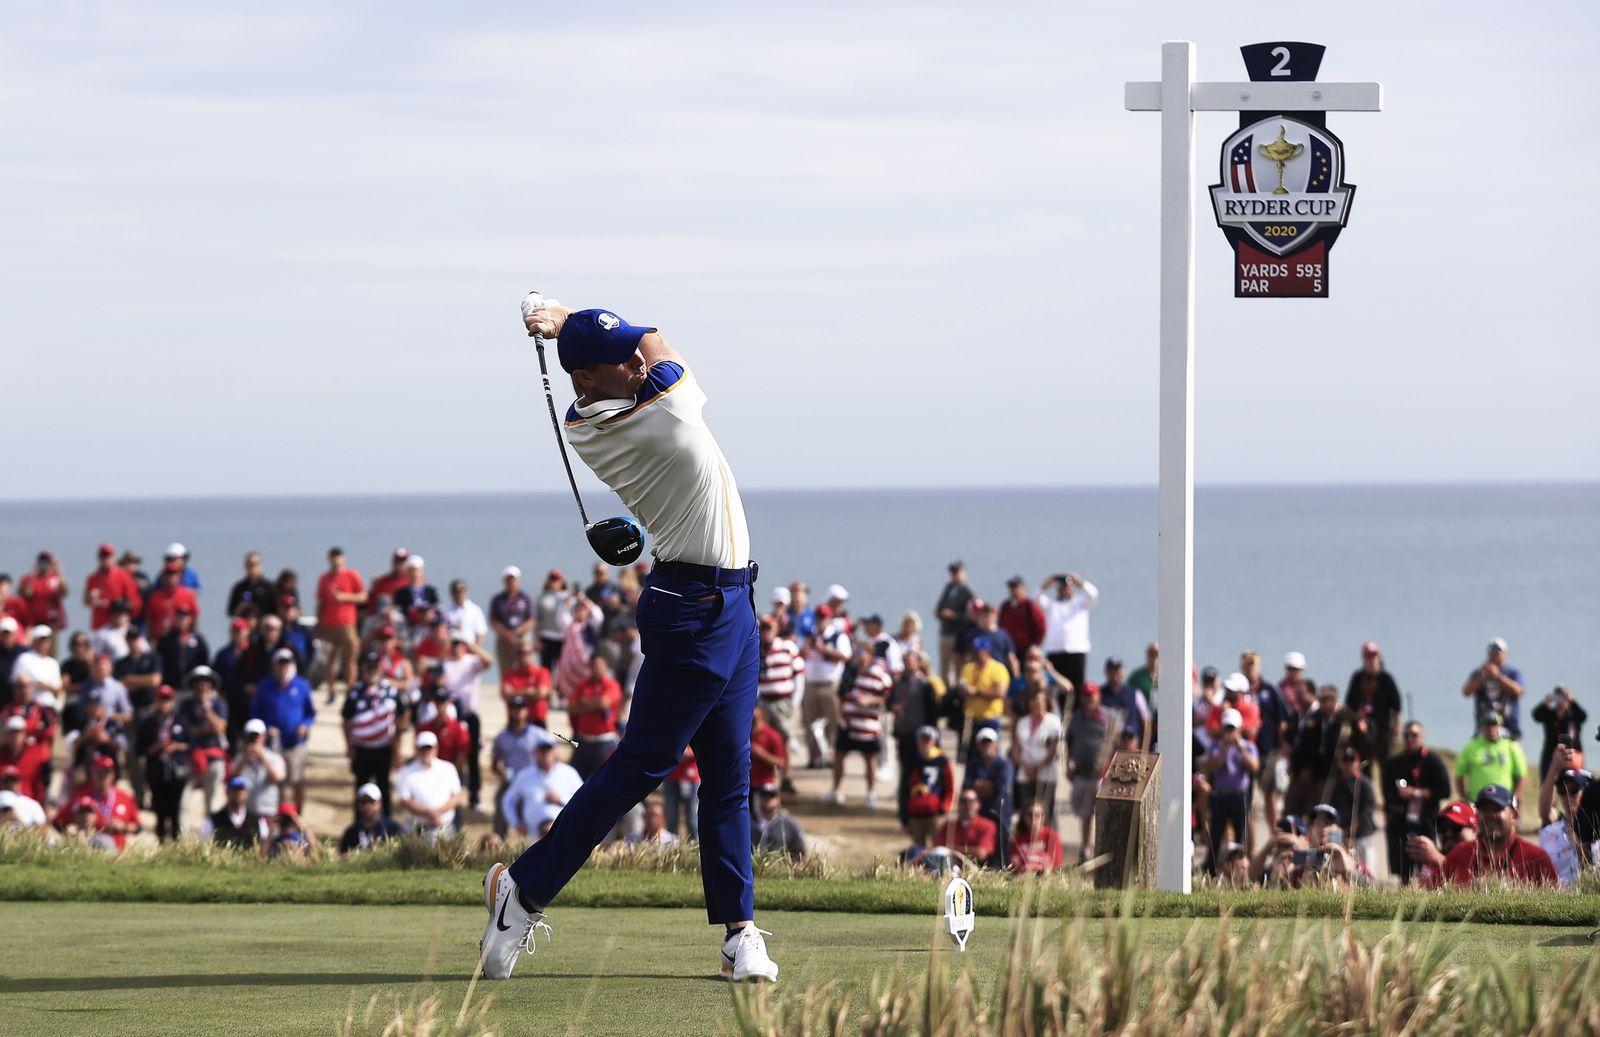 2020 Ryder Cup golf tournament